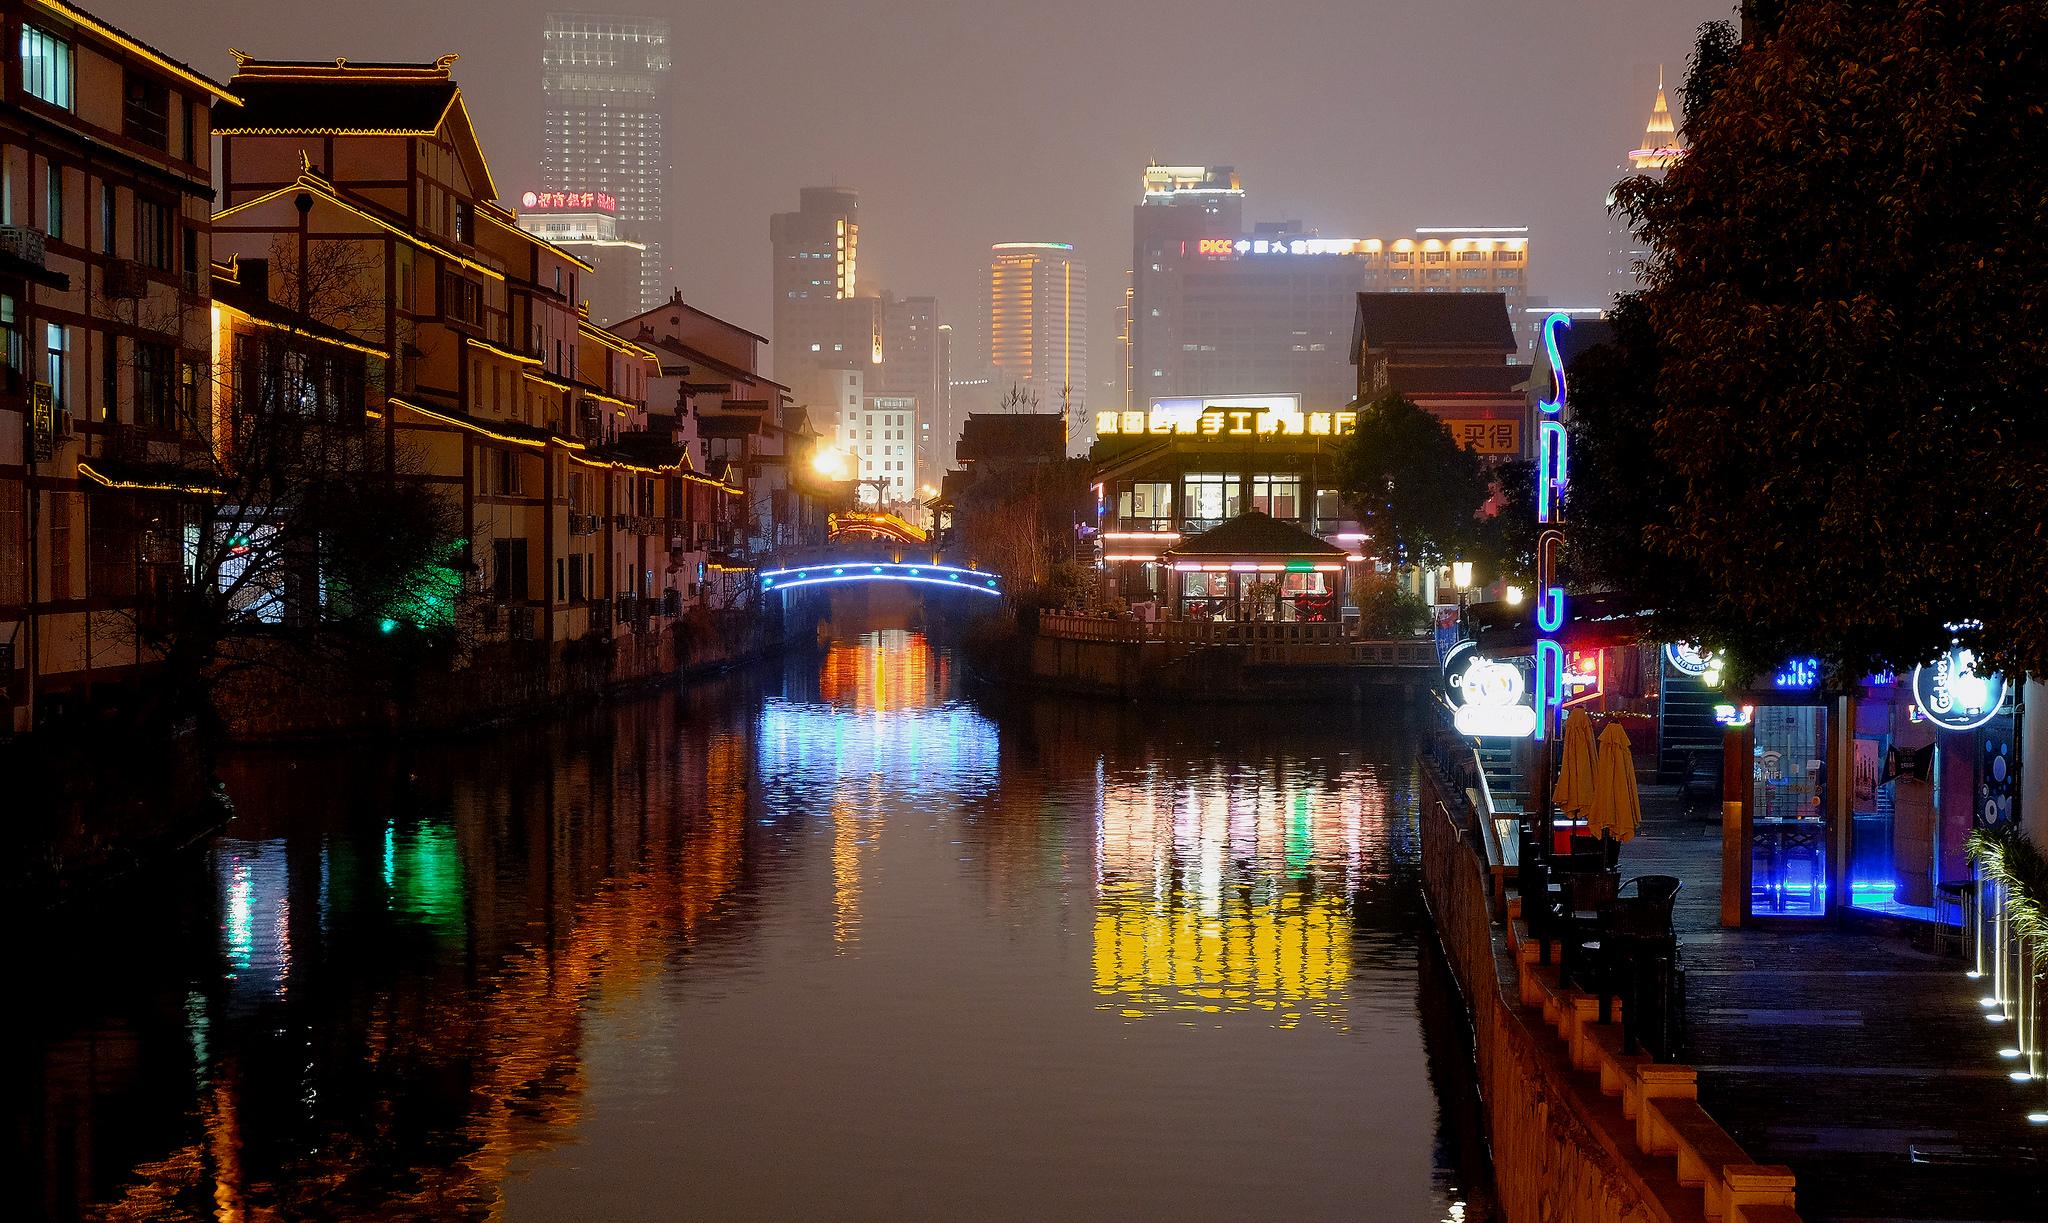 <p>Wuxi at night. Flickr/Thomas Depenbusch</p>